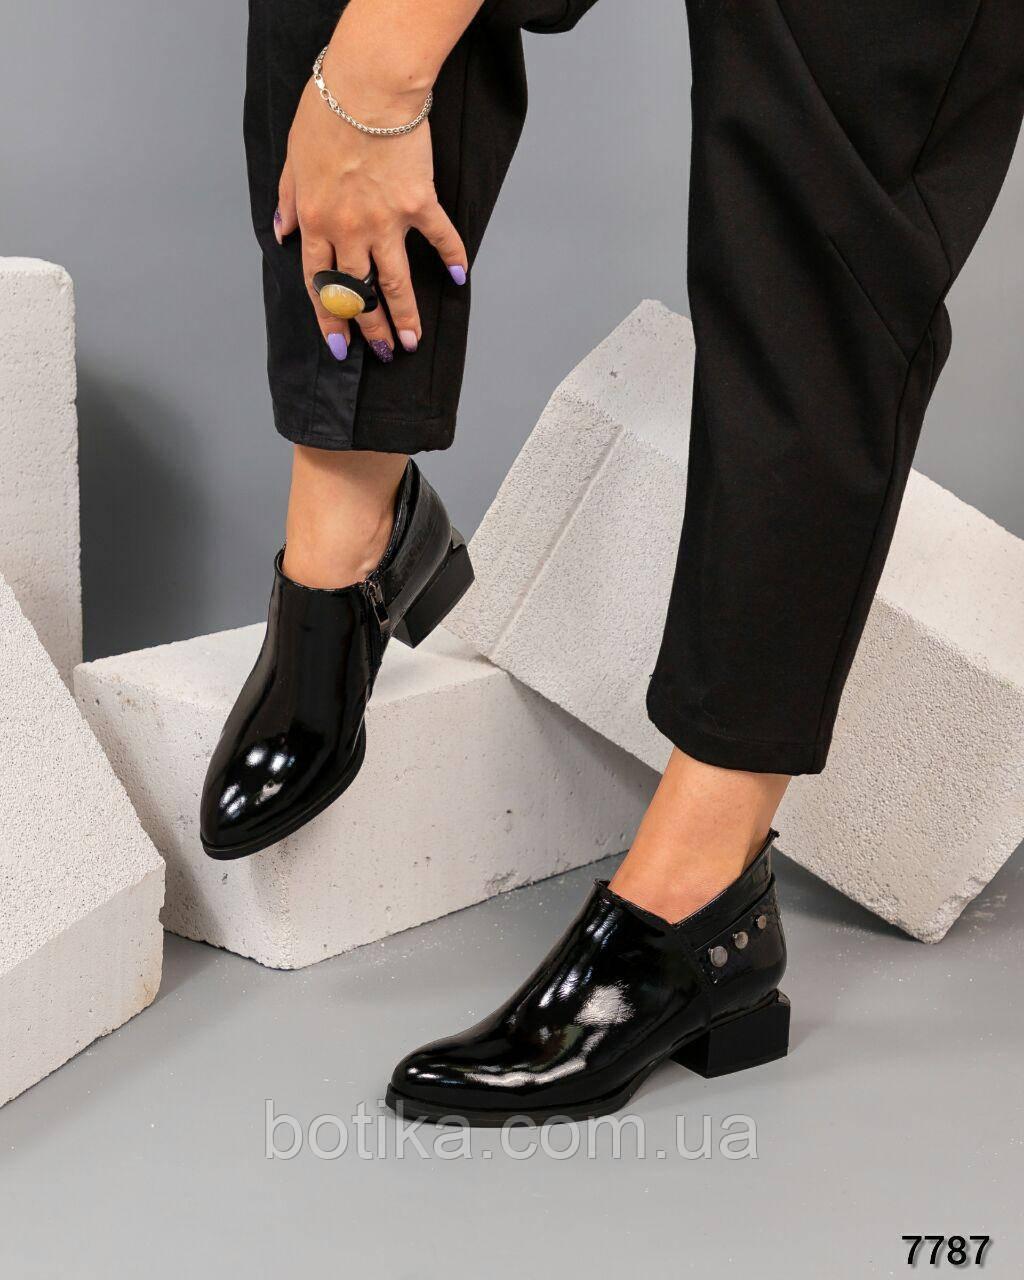 Шикарные демисезонные ботильоны на каблуке черные ботинки женские